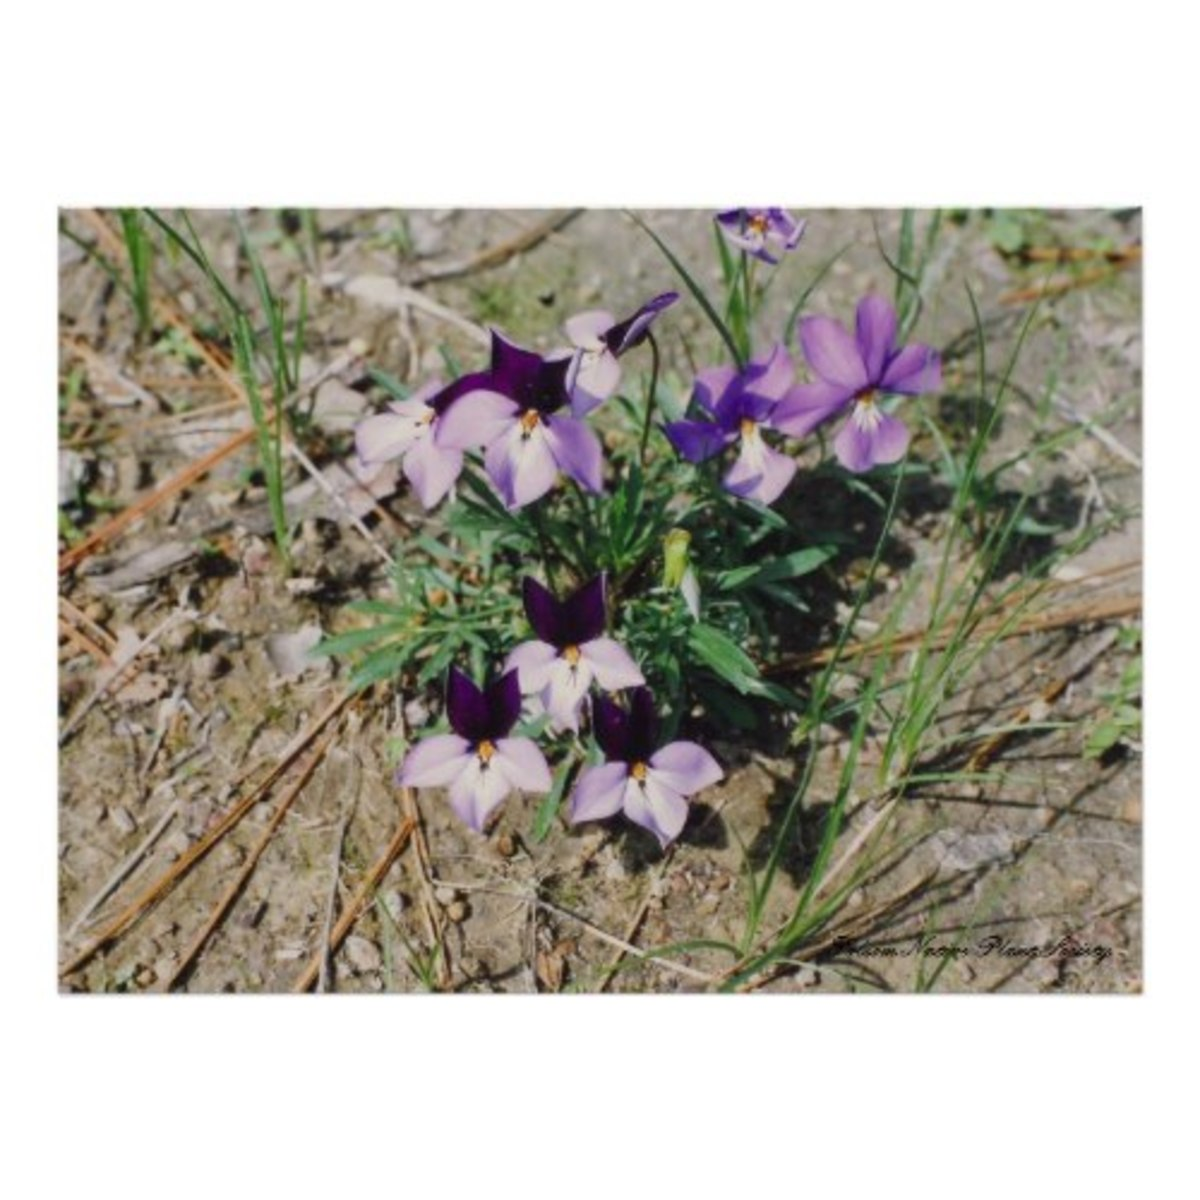 Birdfoot Violet (Viola pedata)